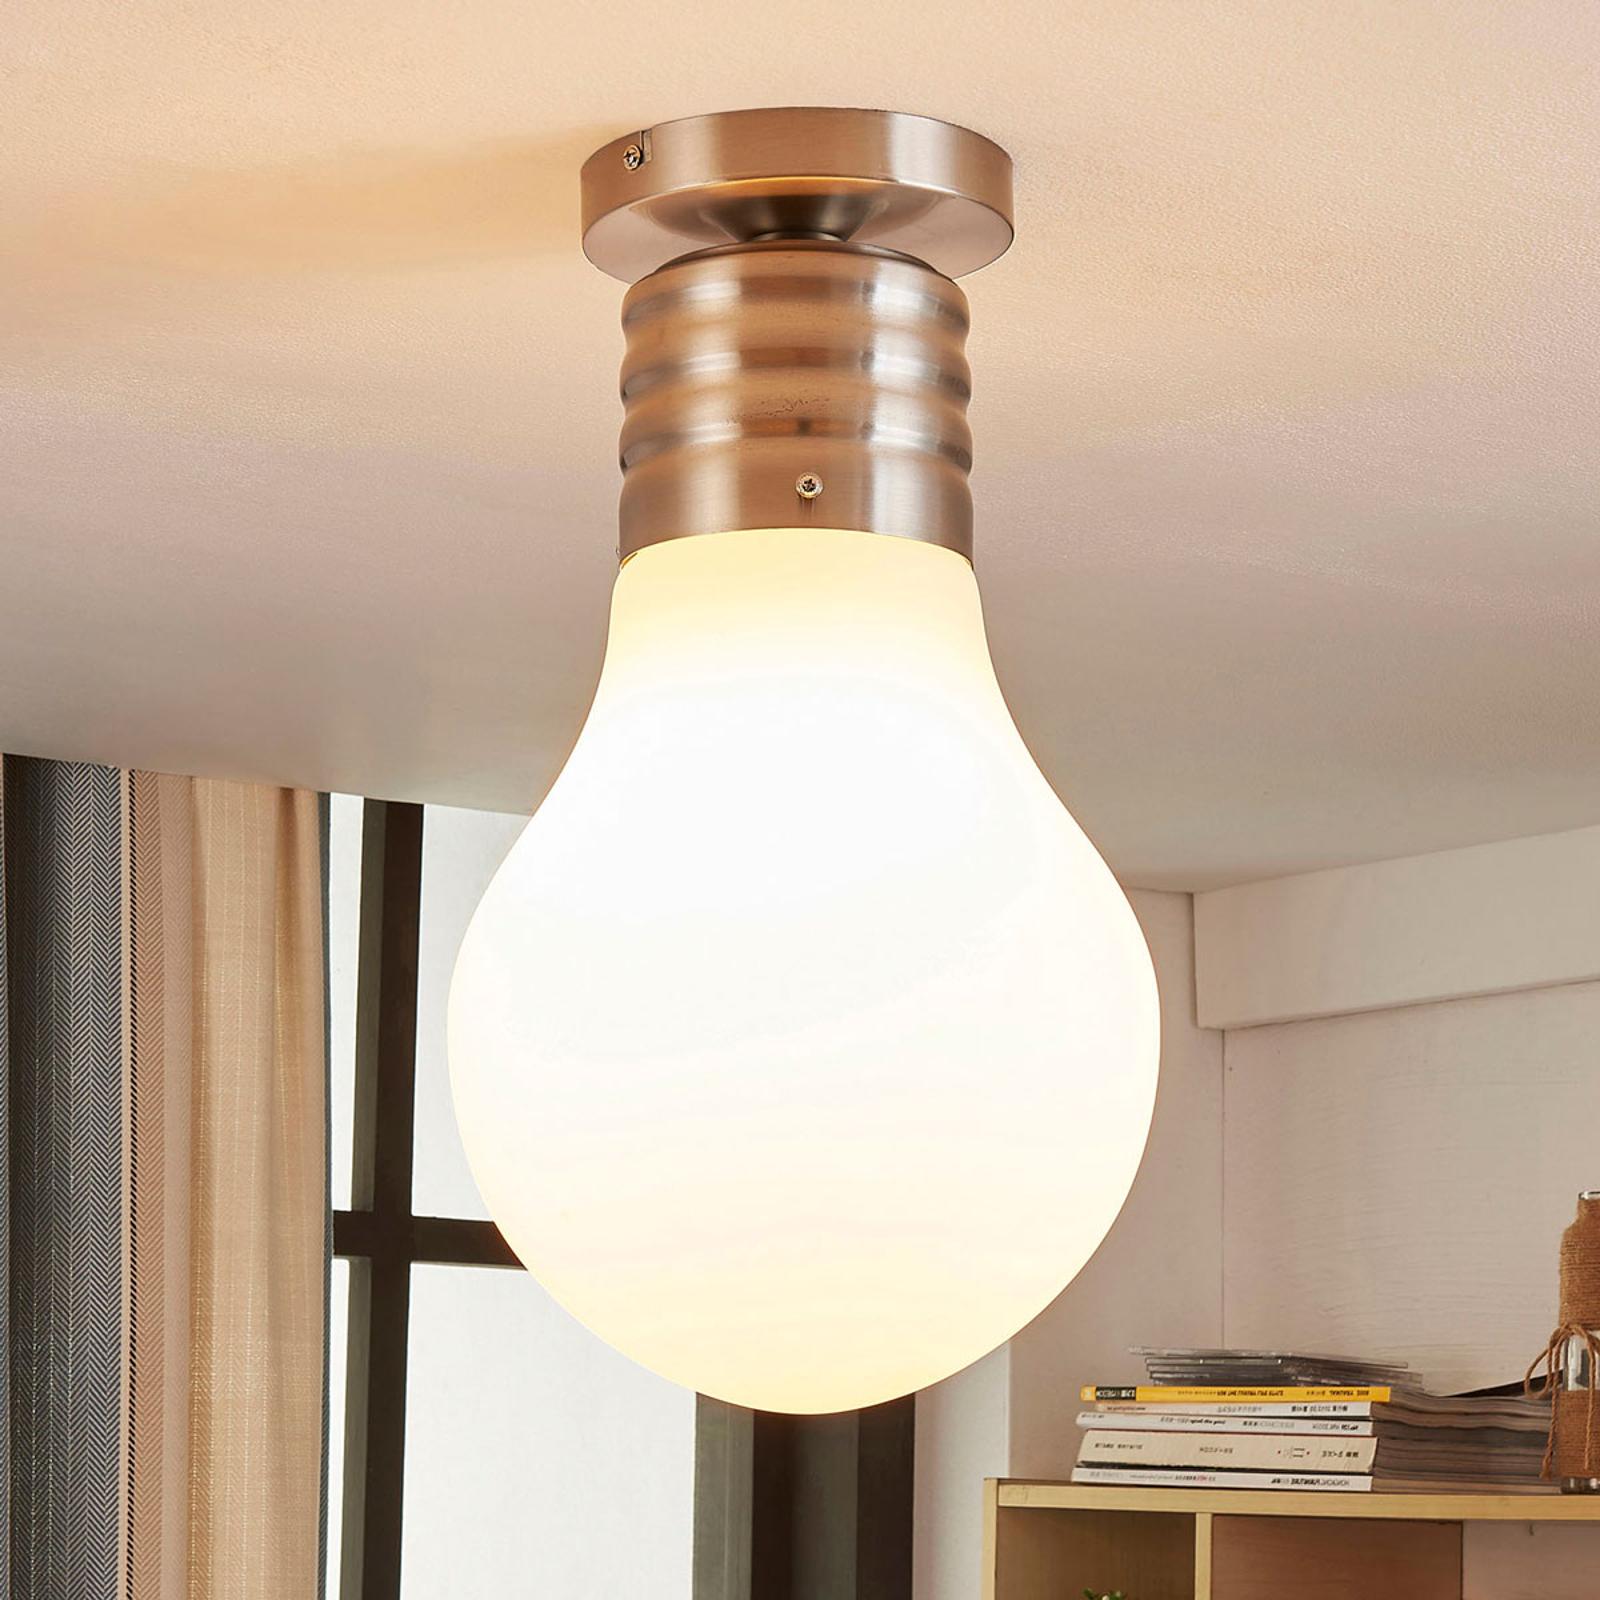 Plafoniera LED Bado a forma di lampadina, easydim